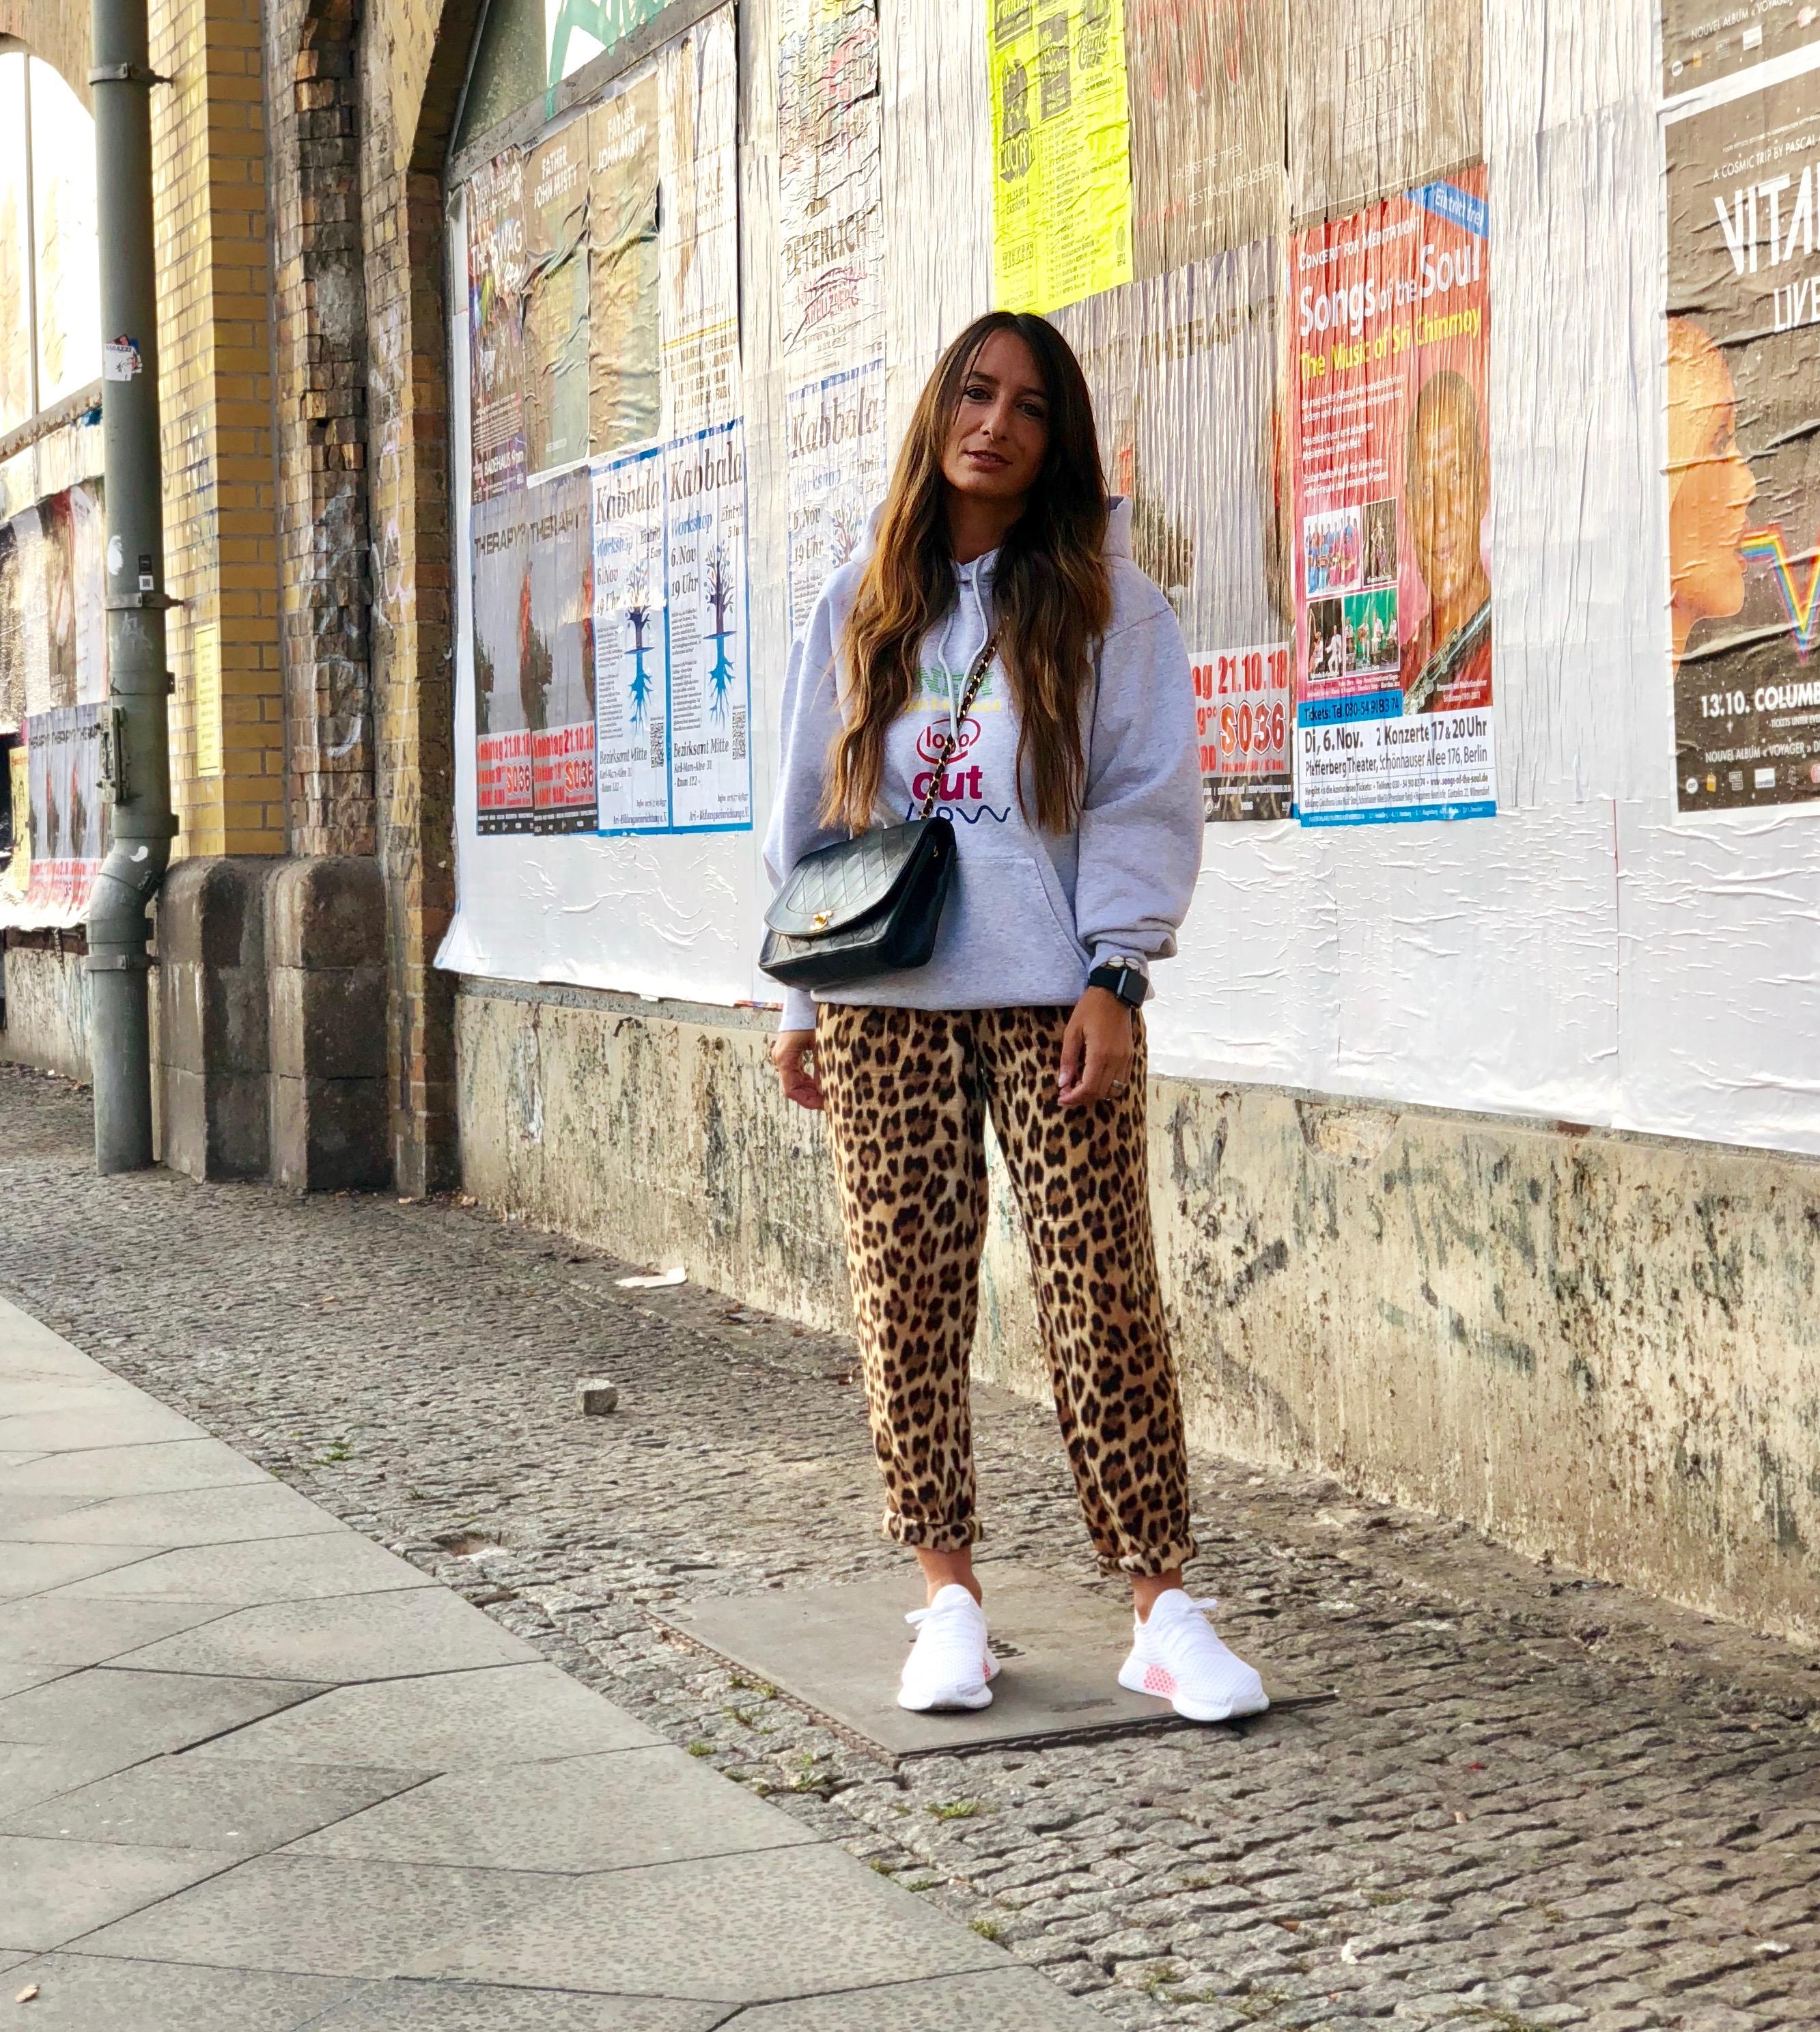 Balenciaga Hoodie x Leo Hose und über Instagram und Berlin